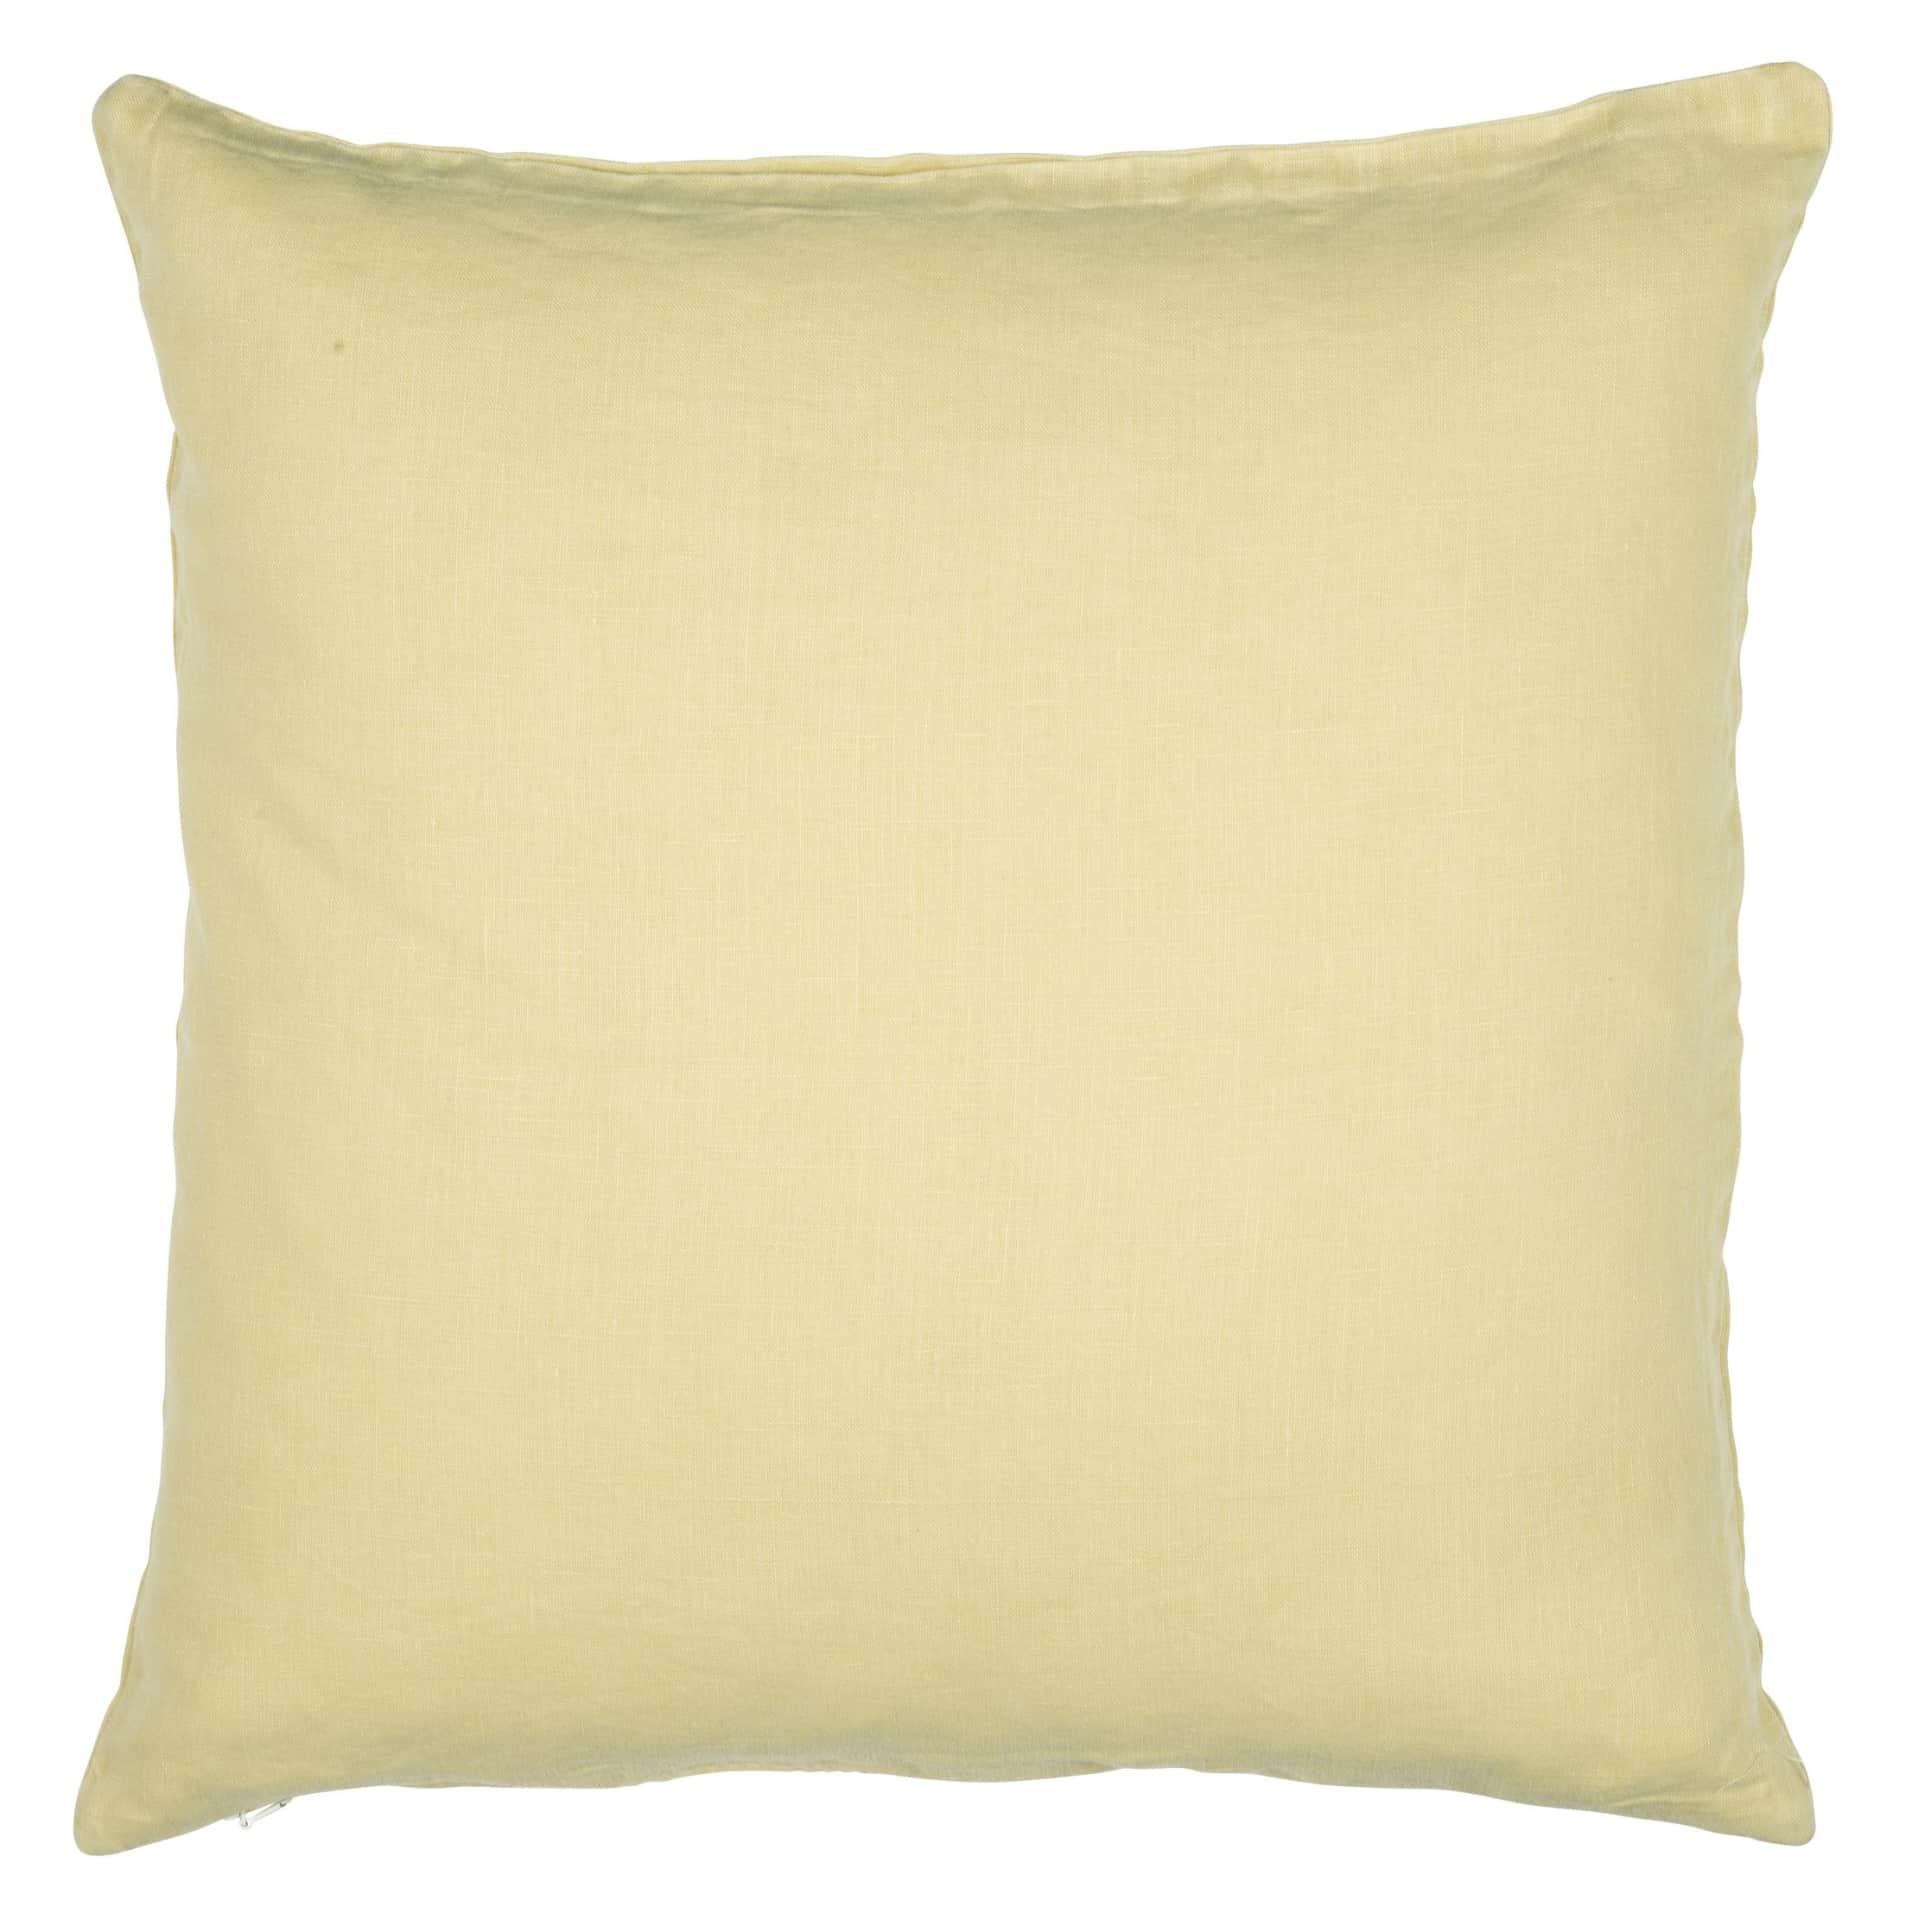 IB LAURSEN Lněný povlak na polštář Yellow 50x50